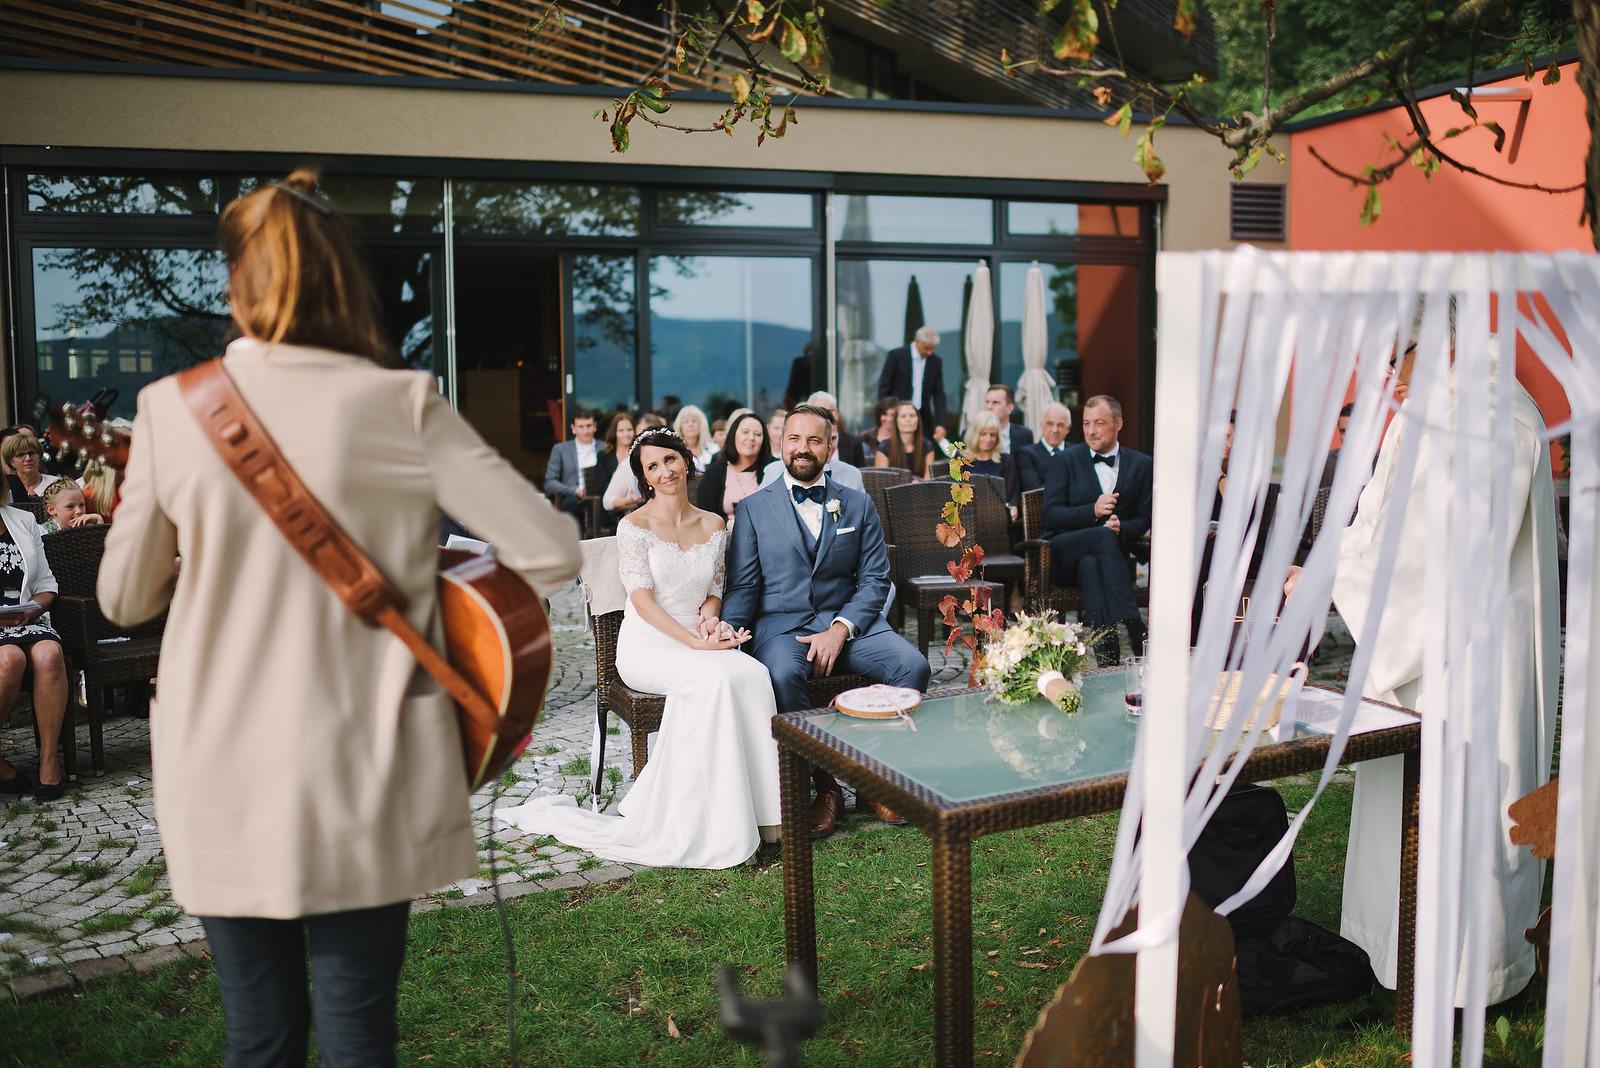 Fotograf Konstanz - Hochzeitsfotograf Reutlingen Achalm Hochzeit EFP 55 - Documentary wedding story on the Achalm, Reutlingen  - 46 -